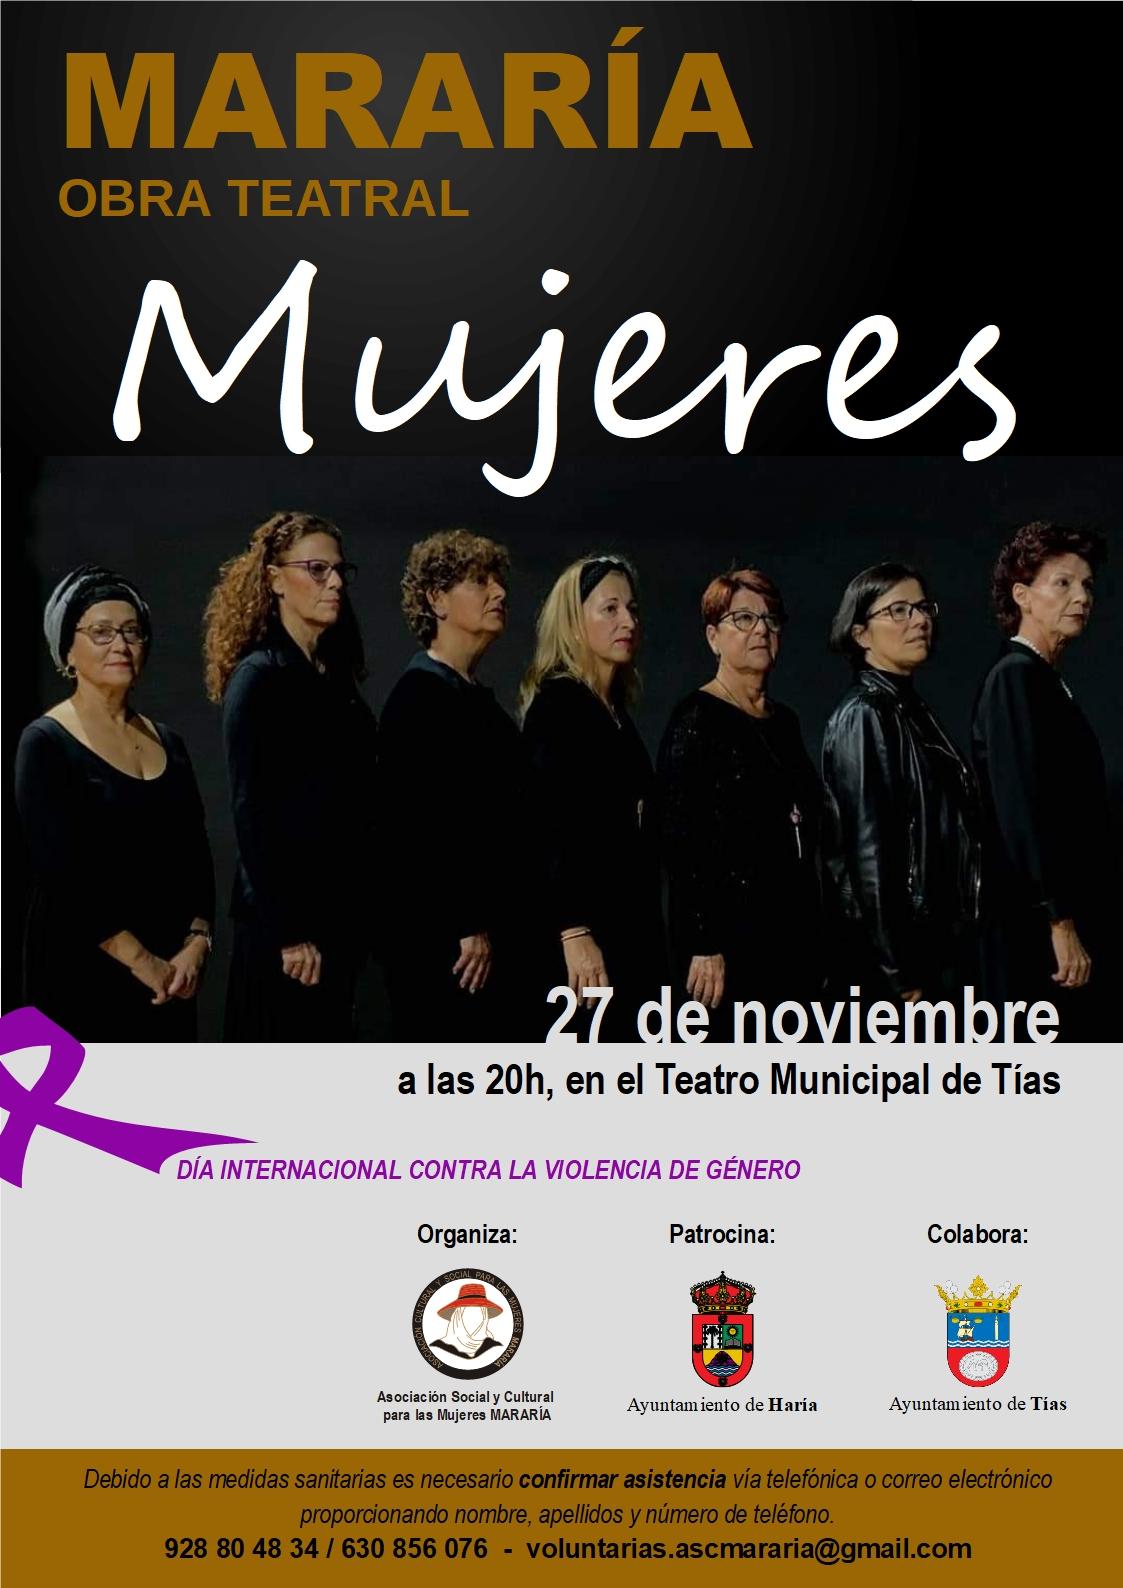 La Asociación Social y Cultural para las Mujeres Mararía, organiza: jornadas y una función teatral